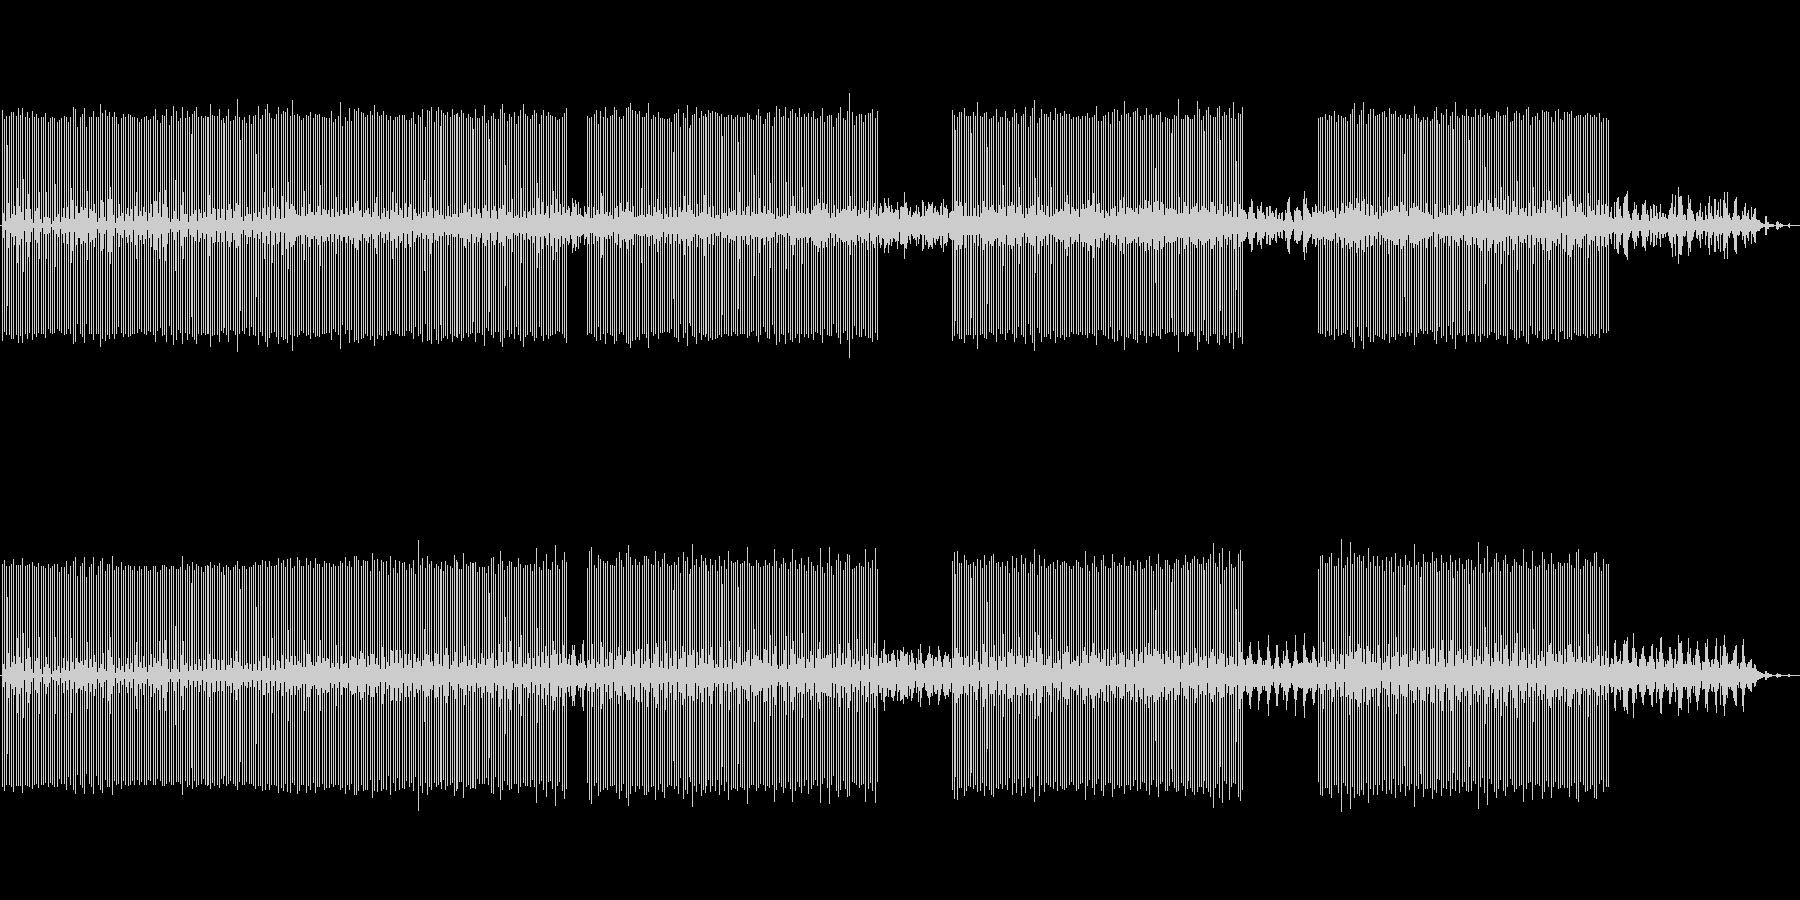 北欧的Deepダブテクノminimalの未再生の波形